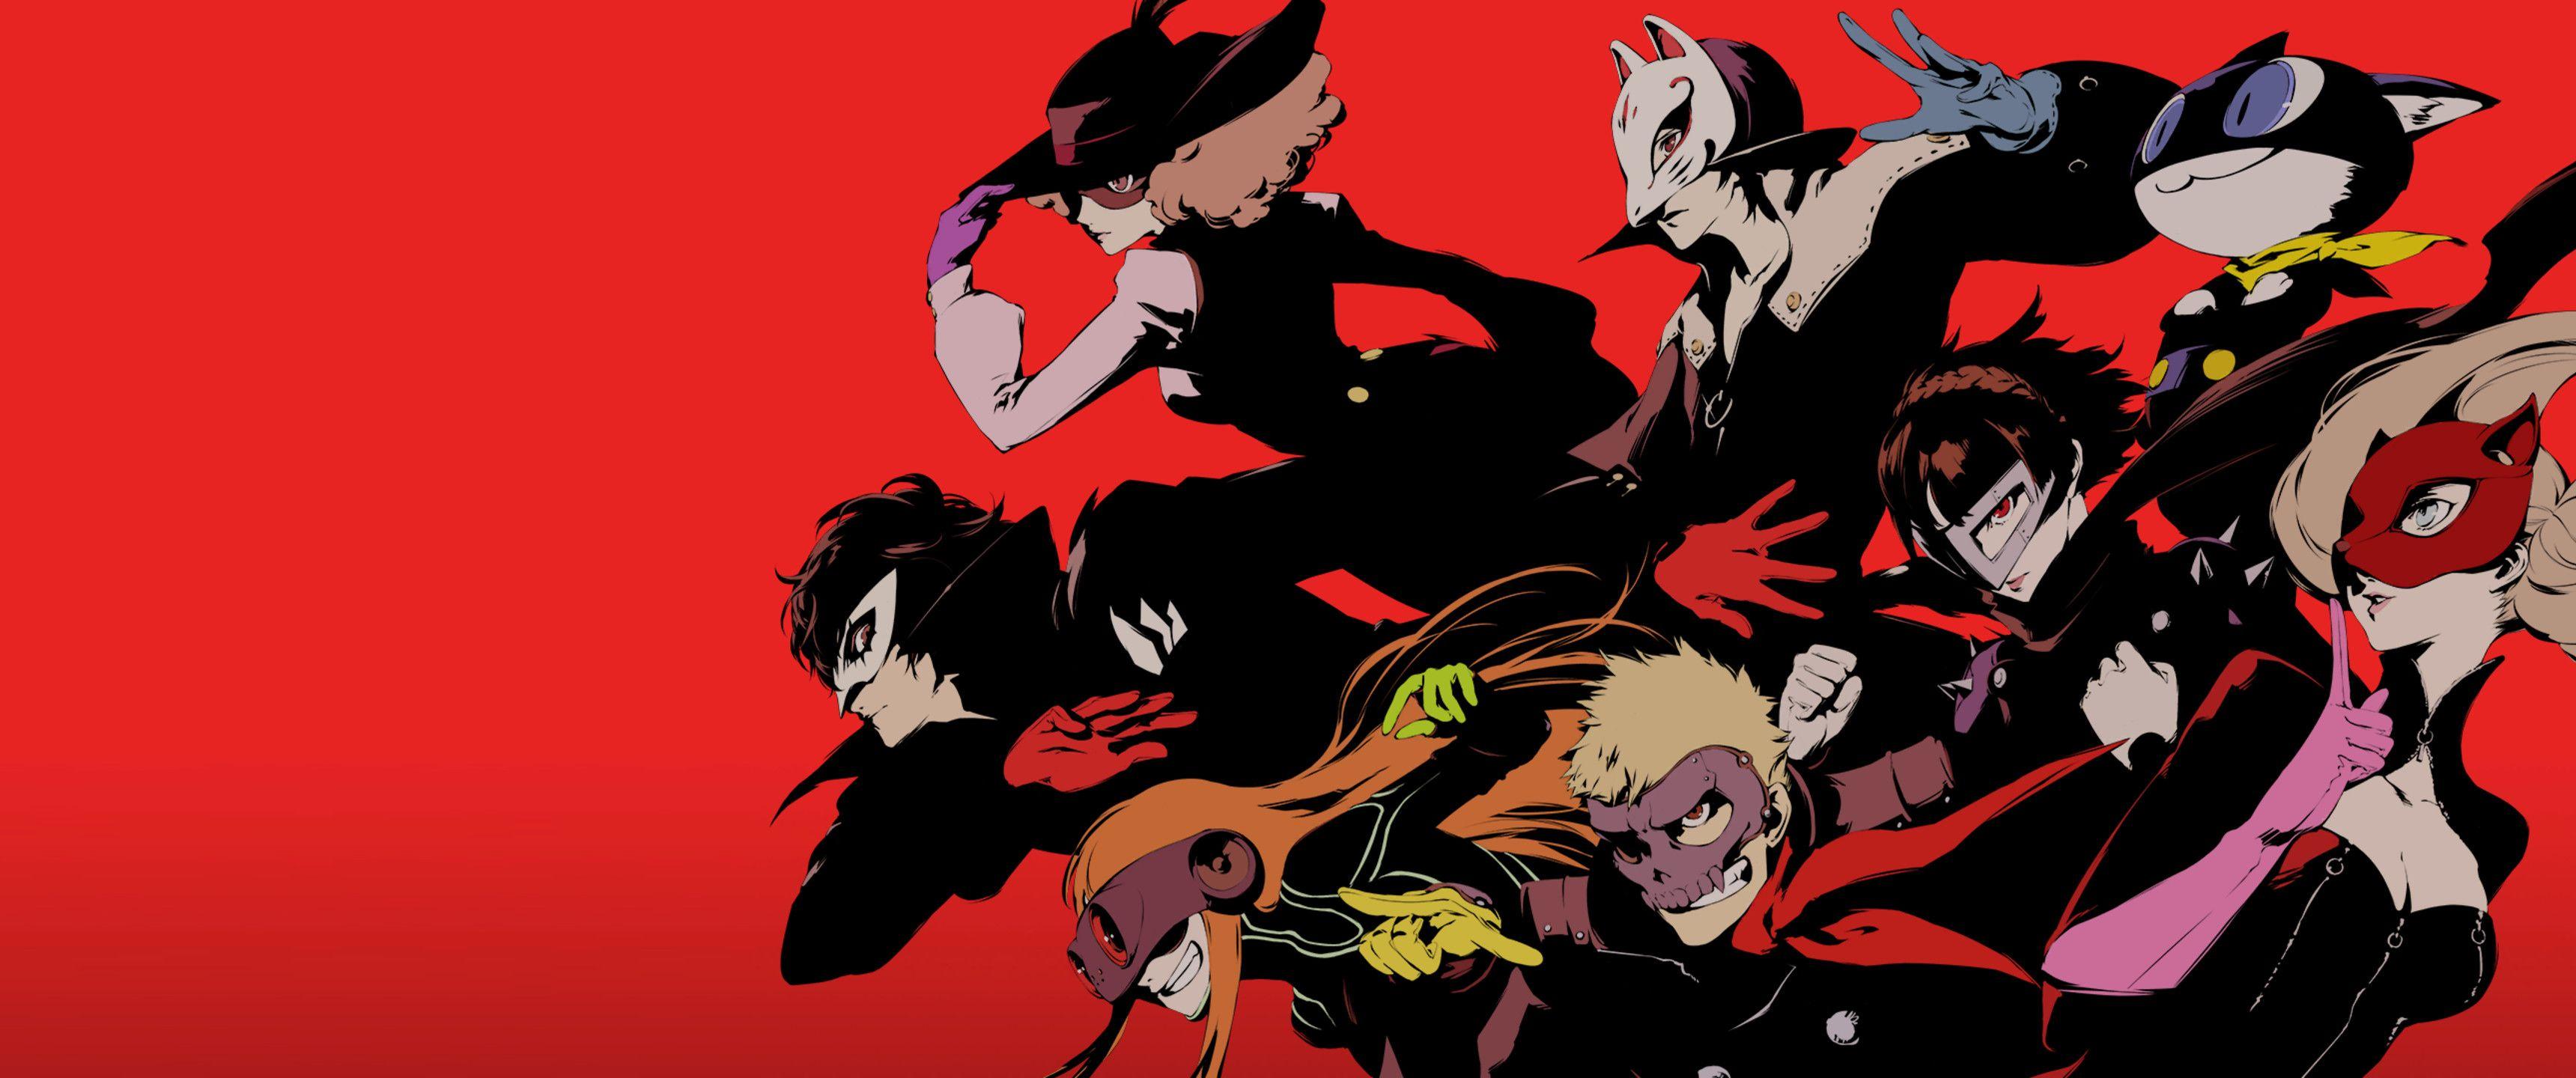 3440x1440 Persona 5 Phantom Thieves [3440x1440